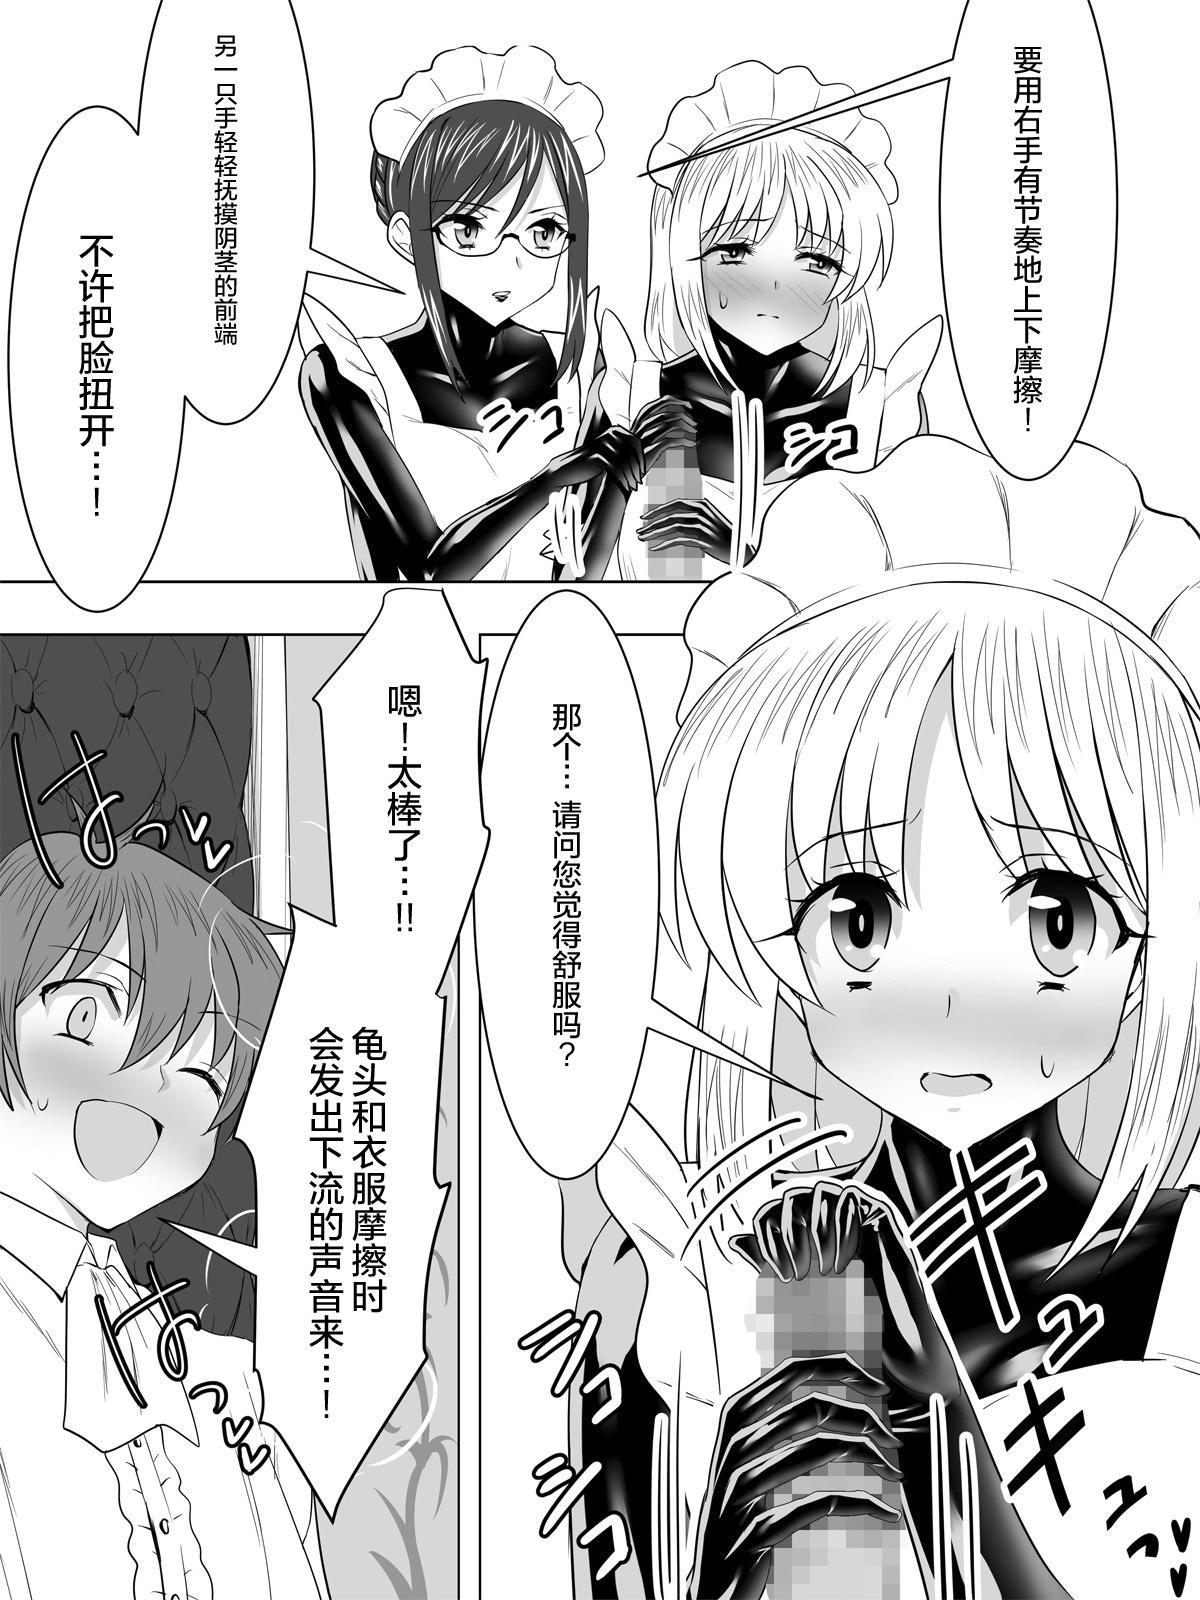 Picchiri Suit Maid to Doutei Kizoku 12